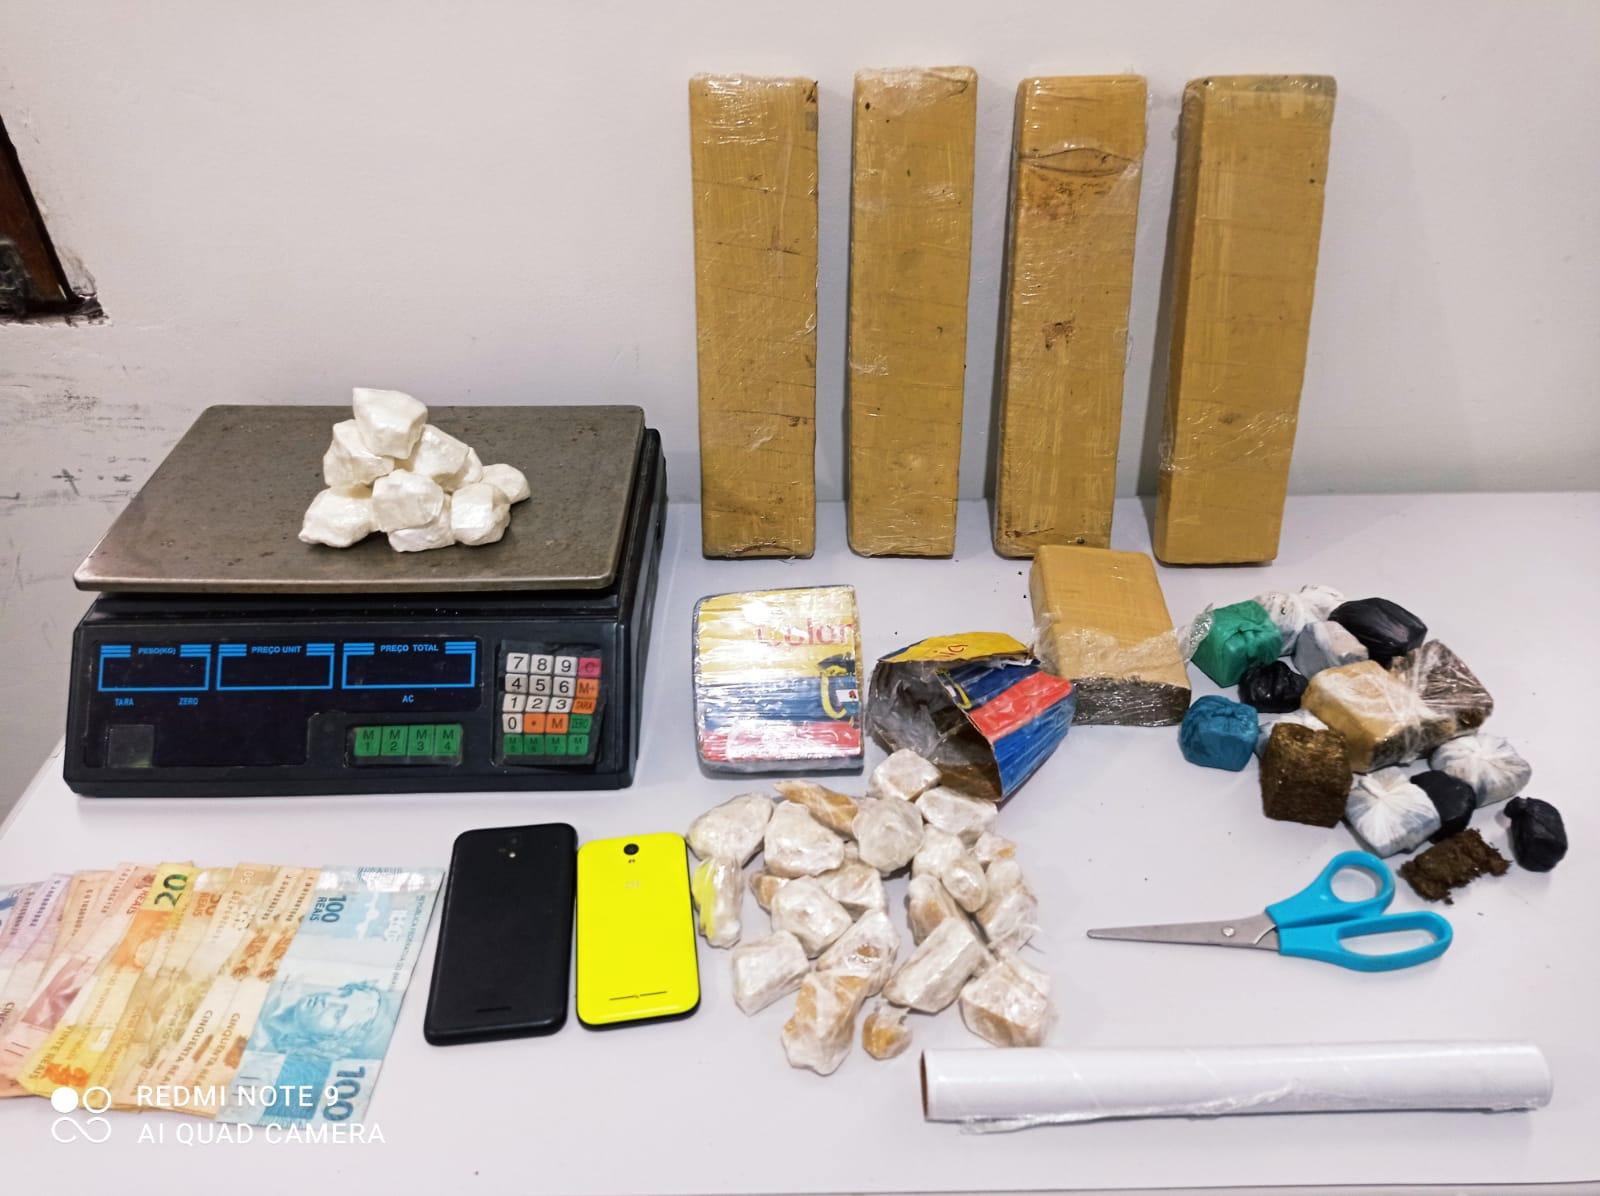 Polícia prende dupla em flagrante por tráfico de drogas em Estância